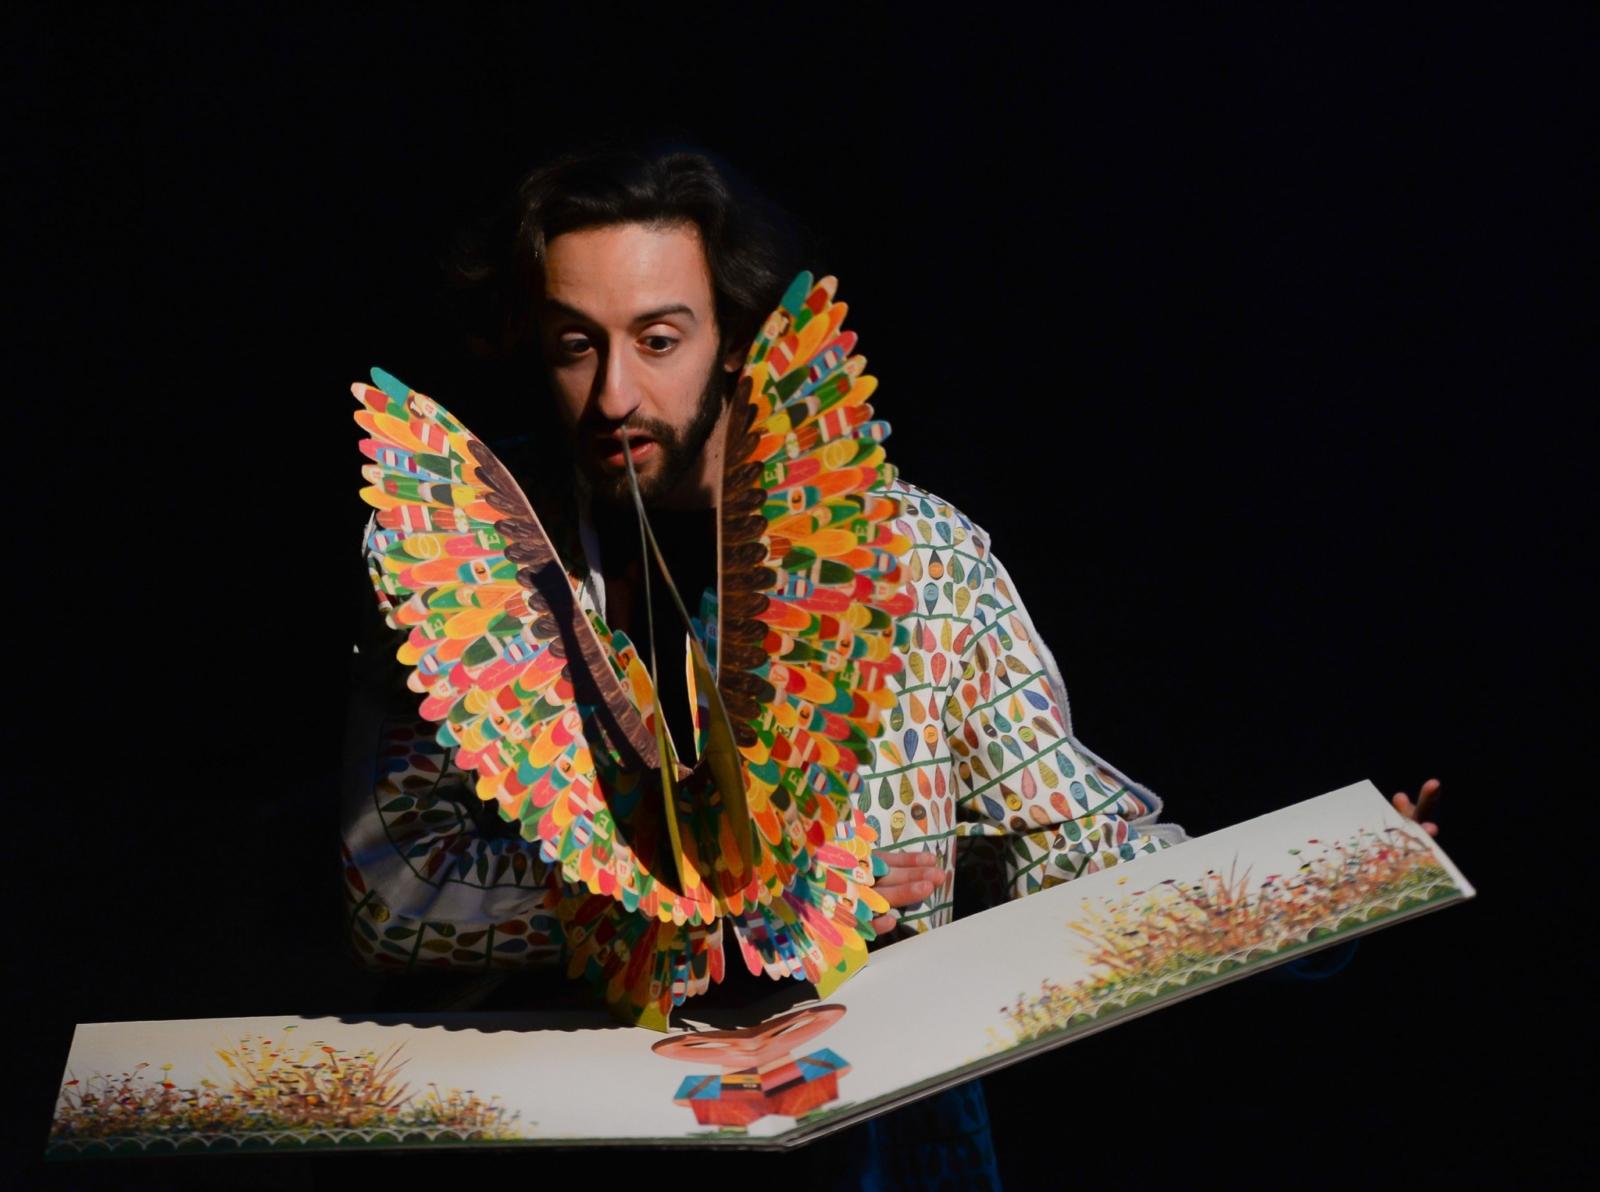 Artista em cena com um livro ilustrado e um pássaro de muitas cores em papel